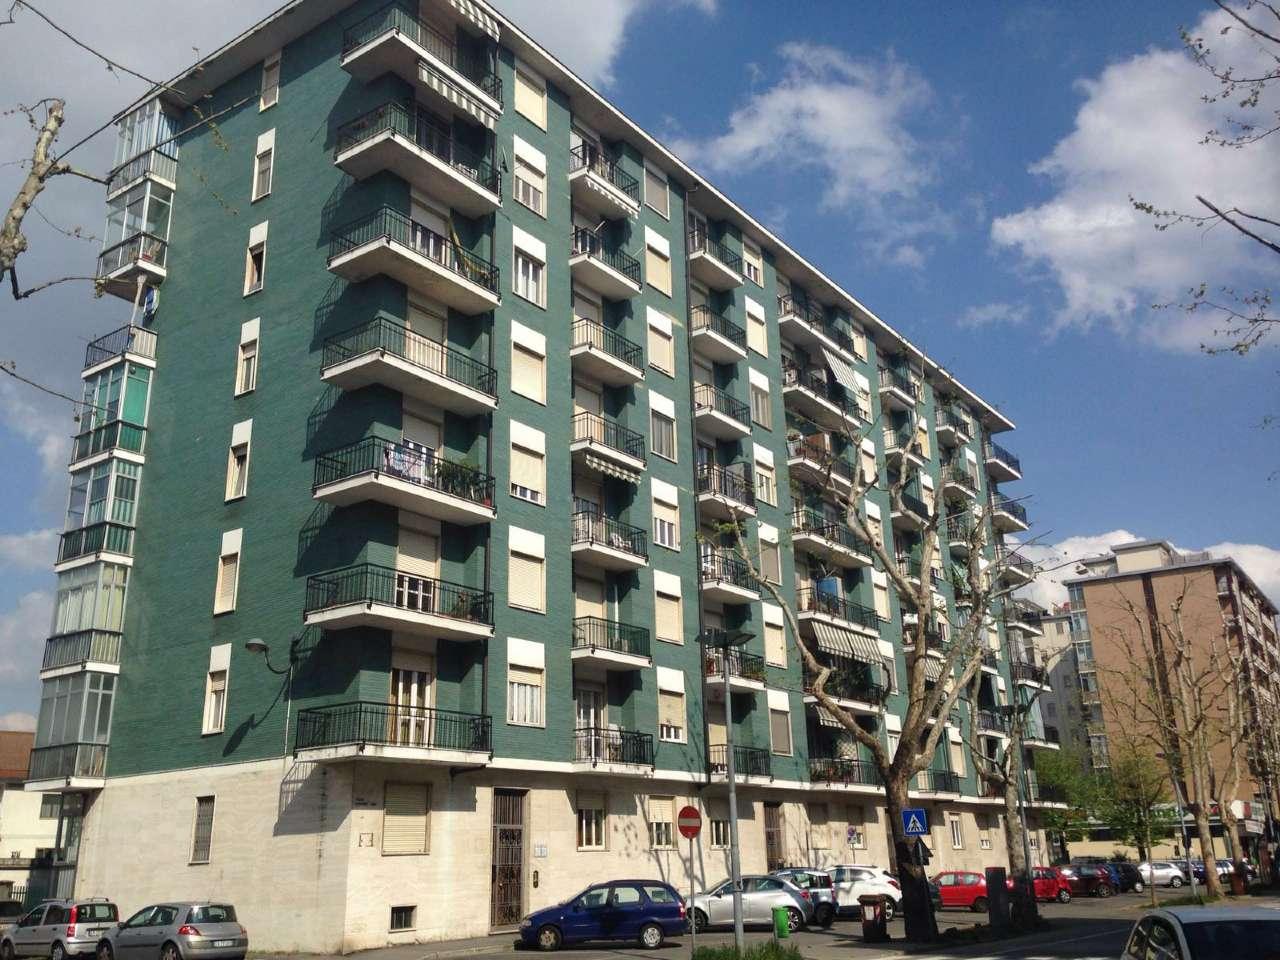 Appartamento in vendita a Beinasco, 3 locali, prezzo € 90.000 | CambioCasa.it